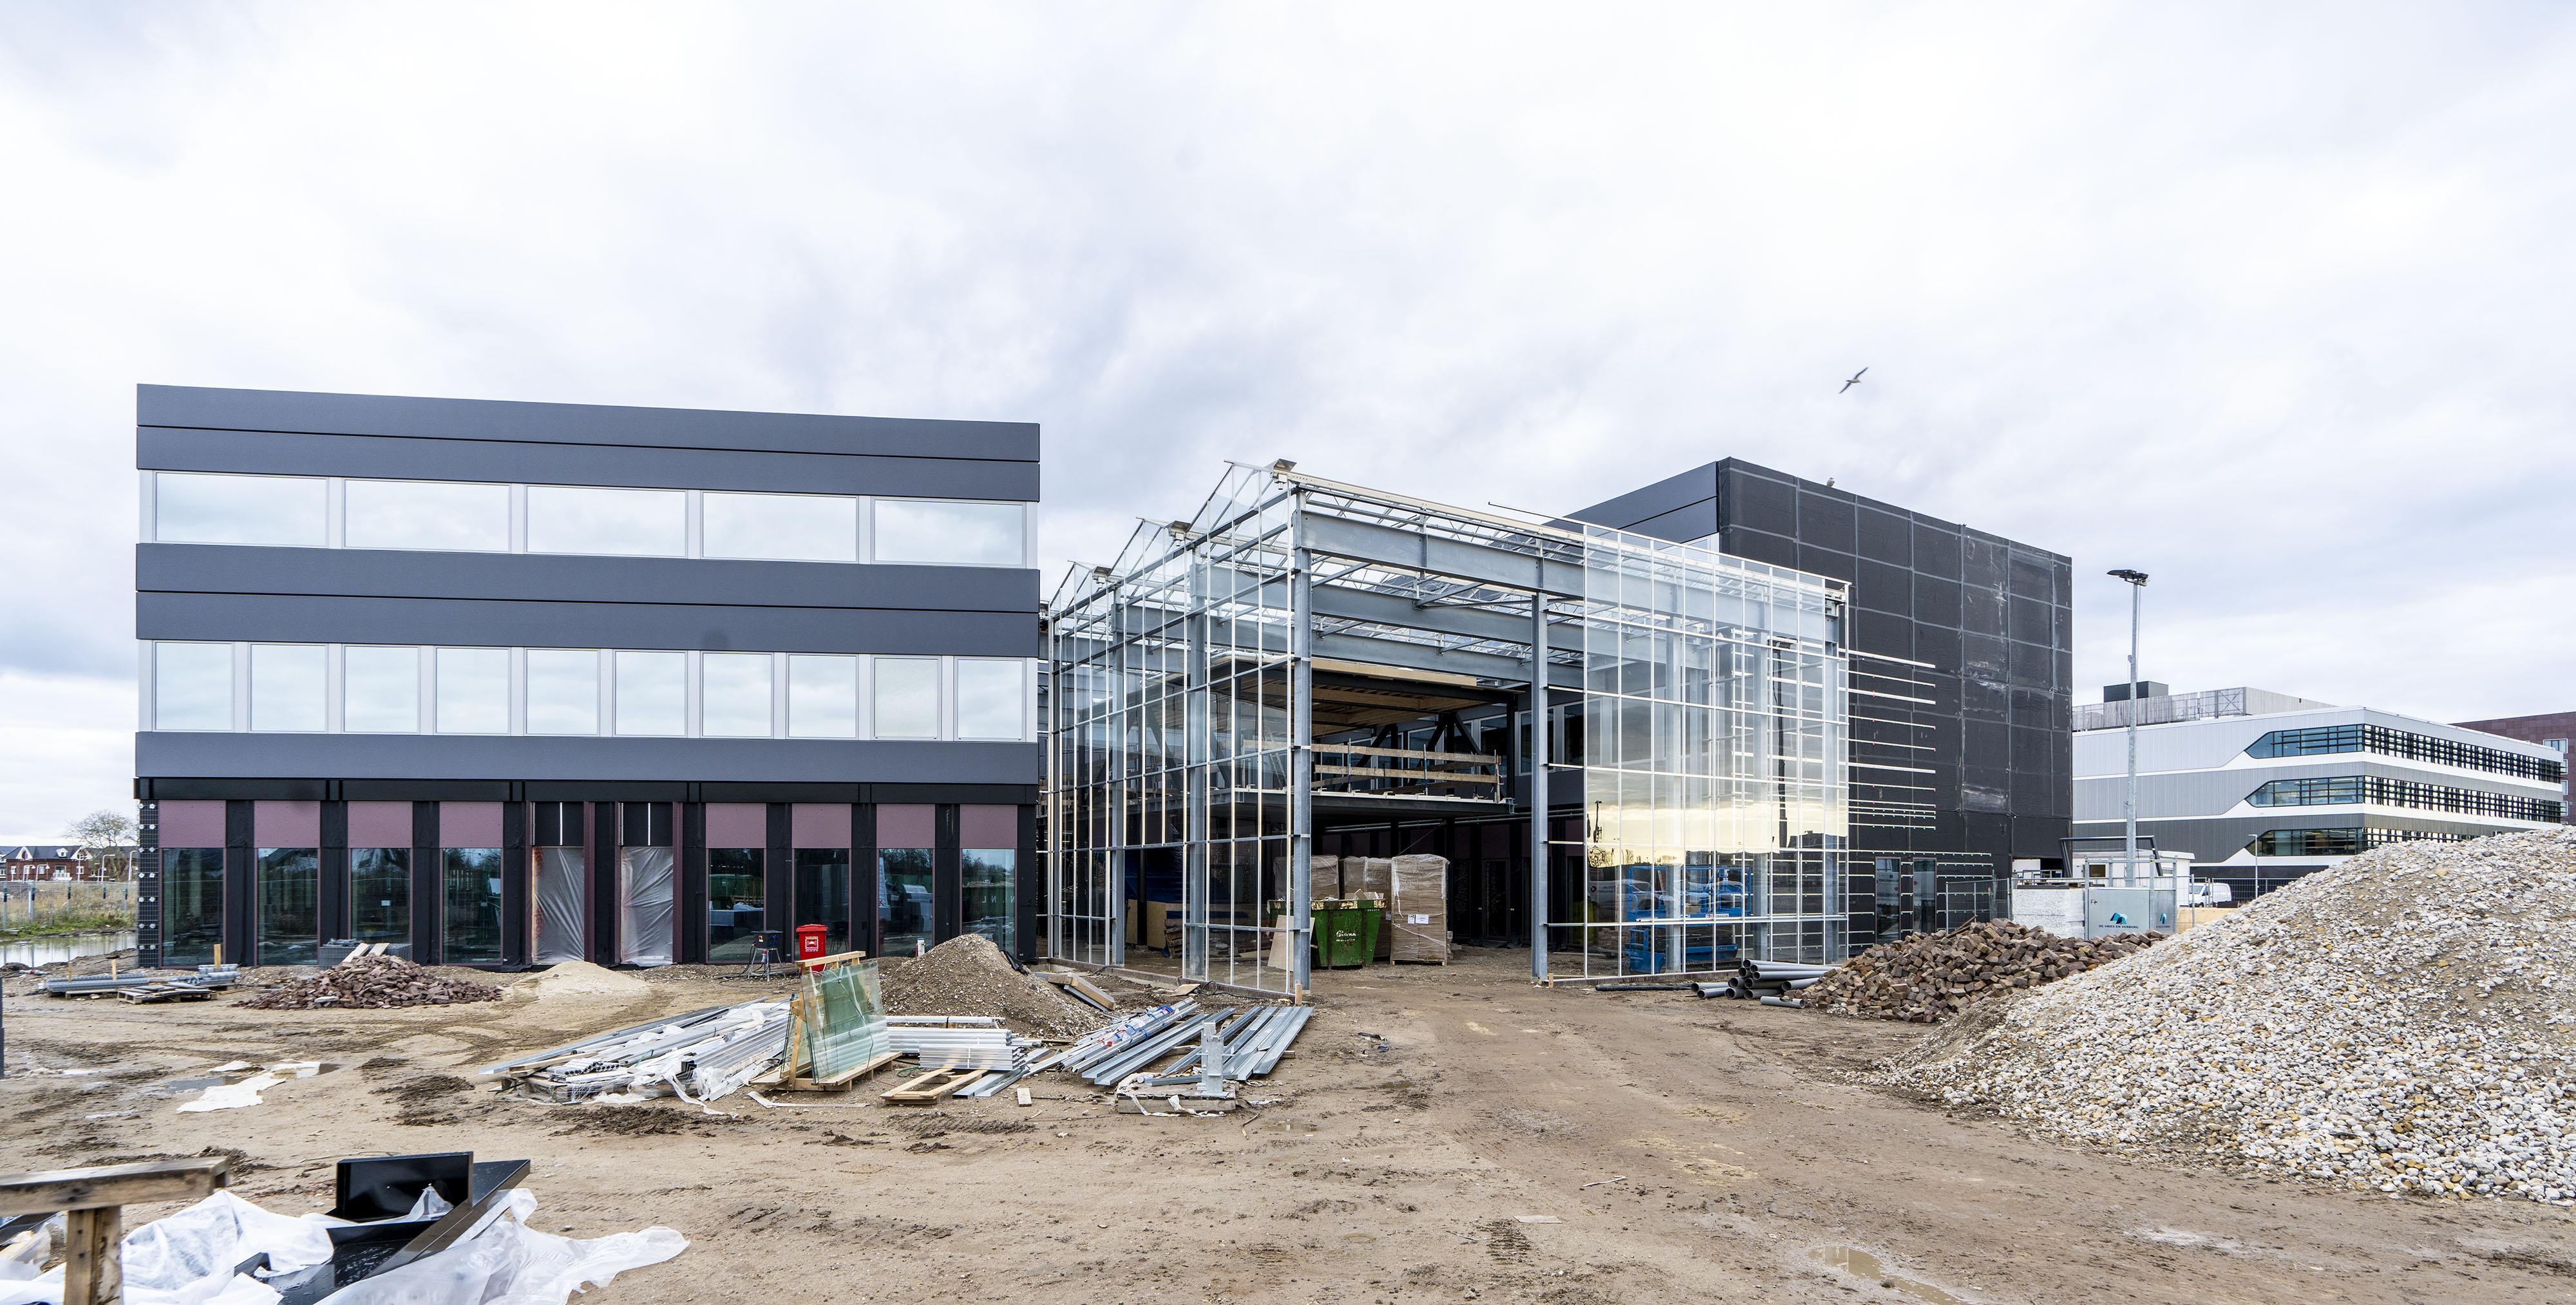 Nieuw bedrijfsverzamelgebouw BioPartner 5 krijgt wintertuin voor 'gemeenschapsgevoel'